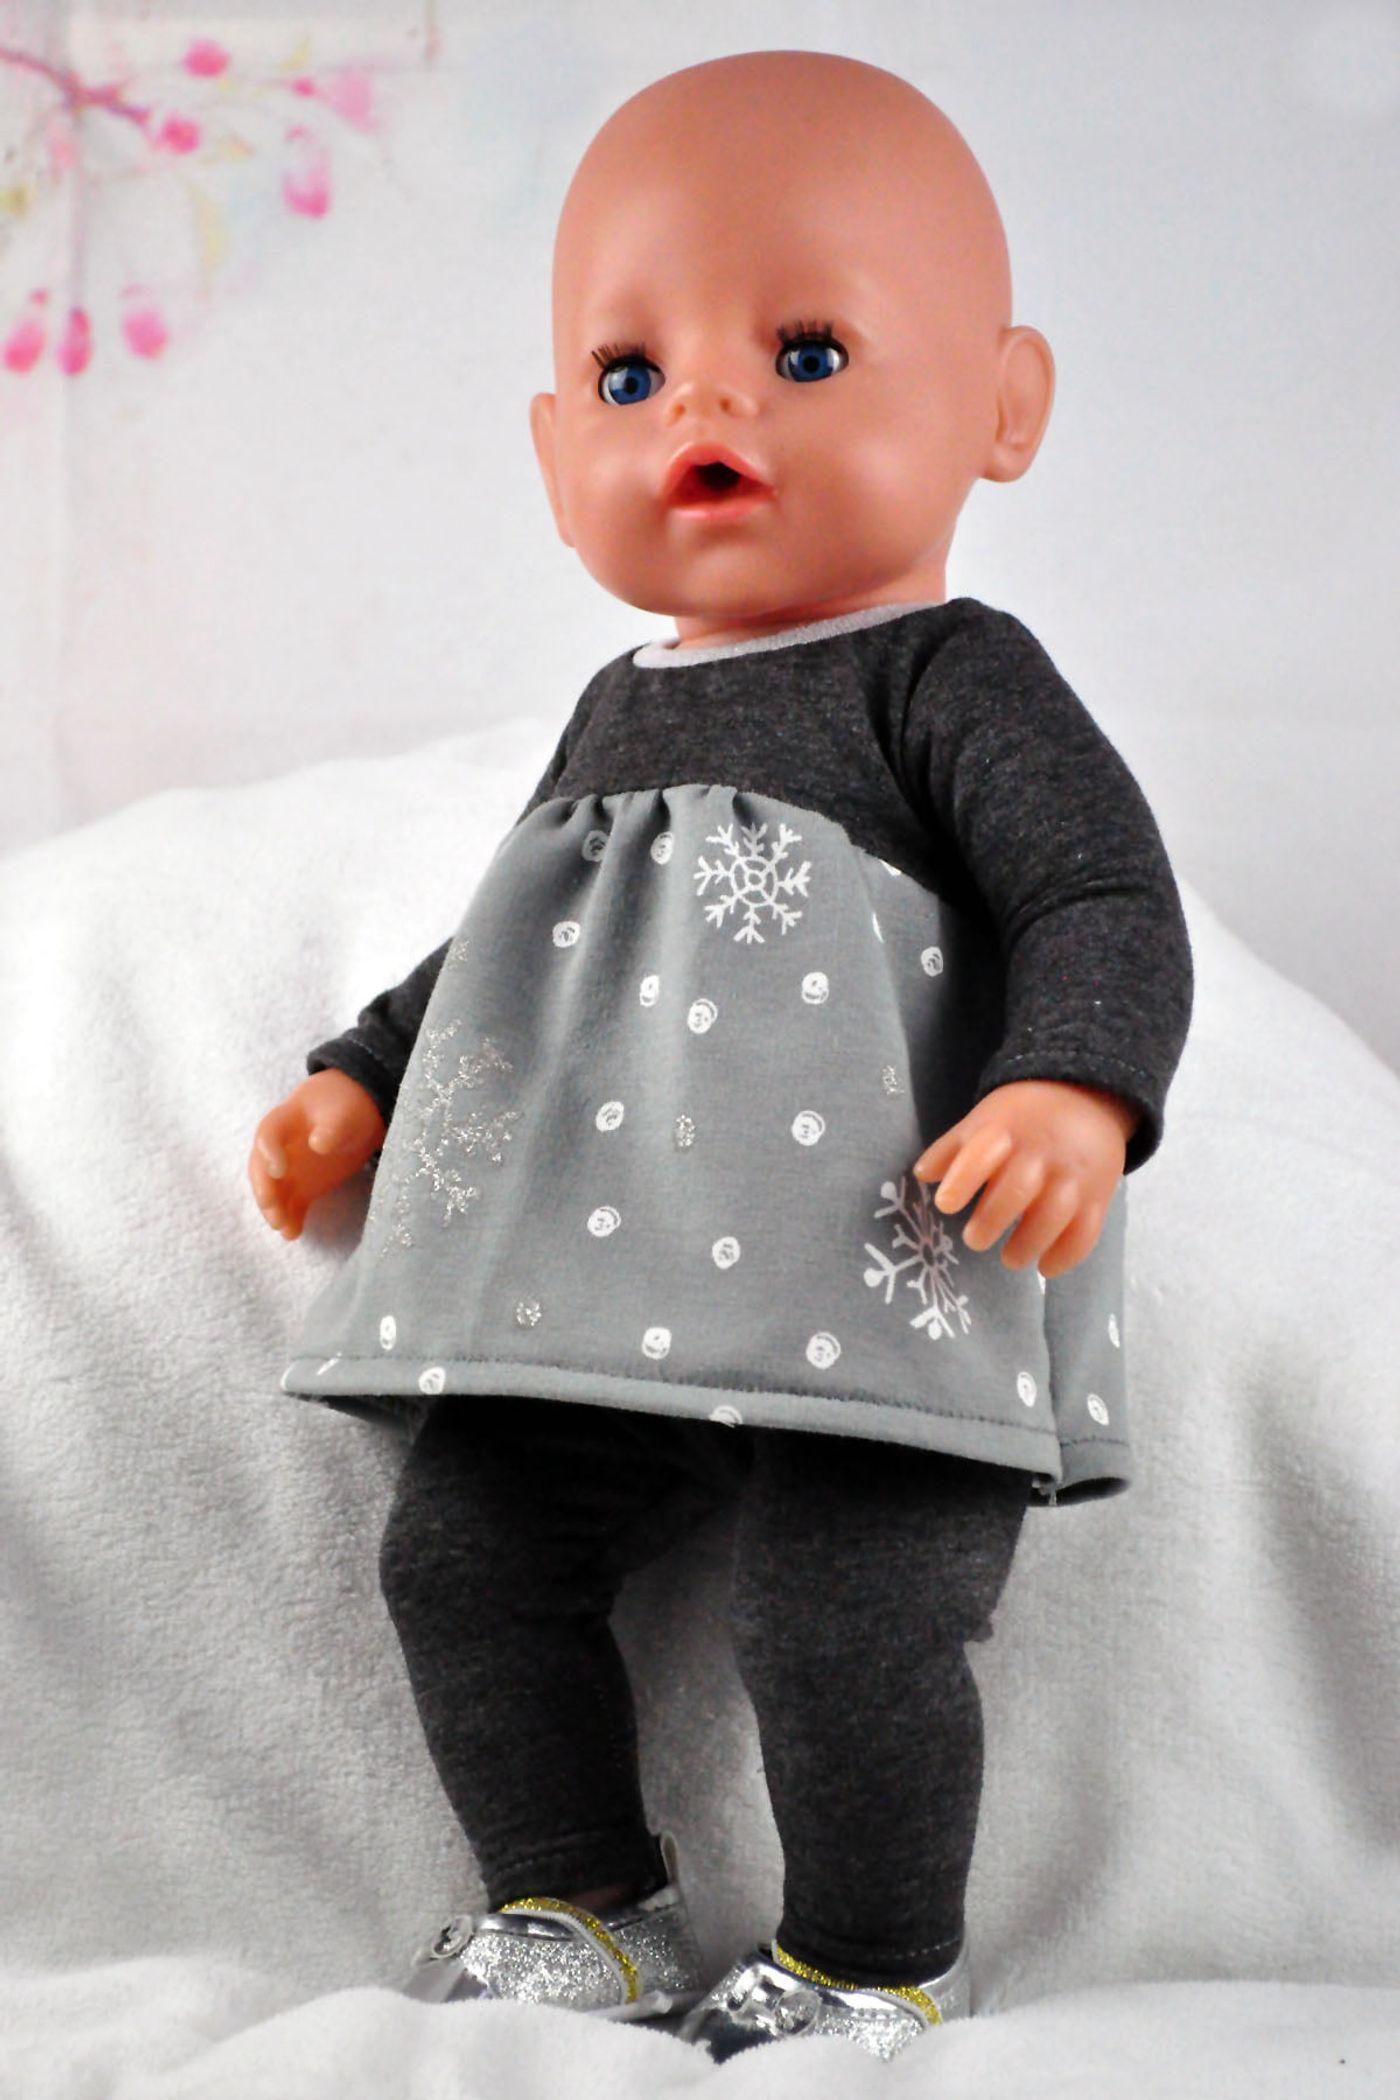 Produktfoto 4 von Happy Pearl für Schnittmuster Little Keyla + Happy Keyla - Tunika und 43cm Puppenschnitt